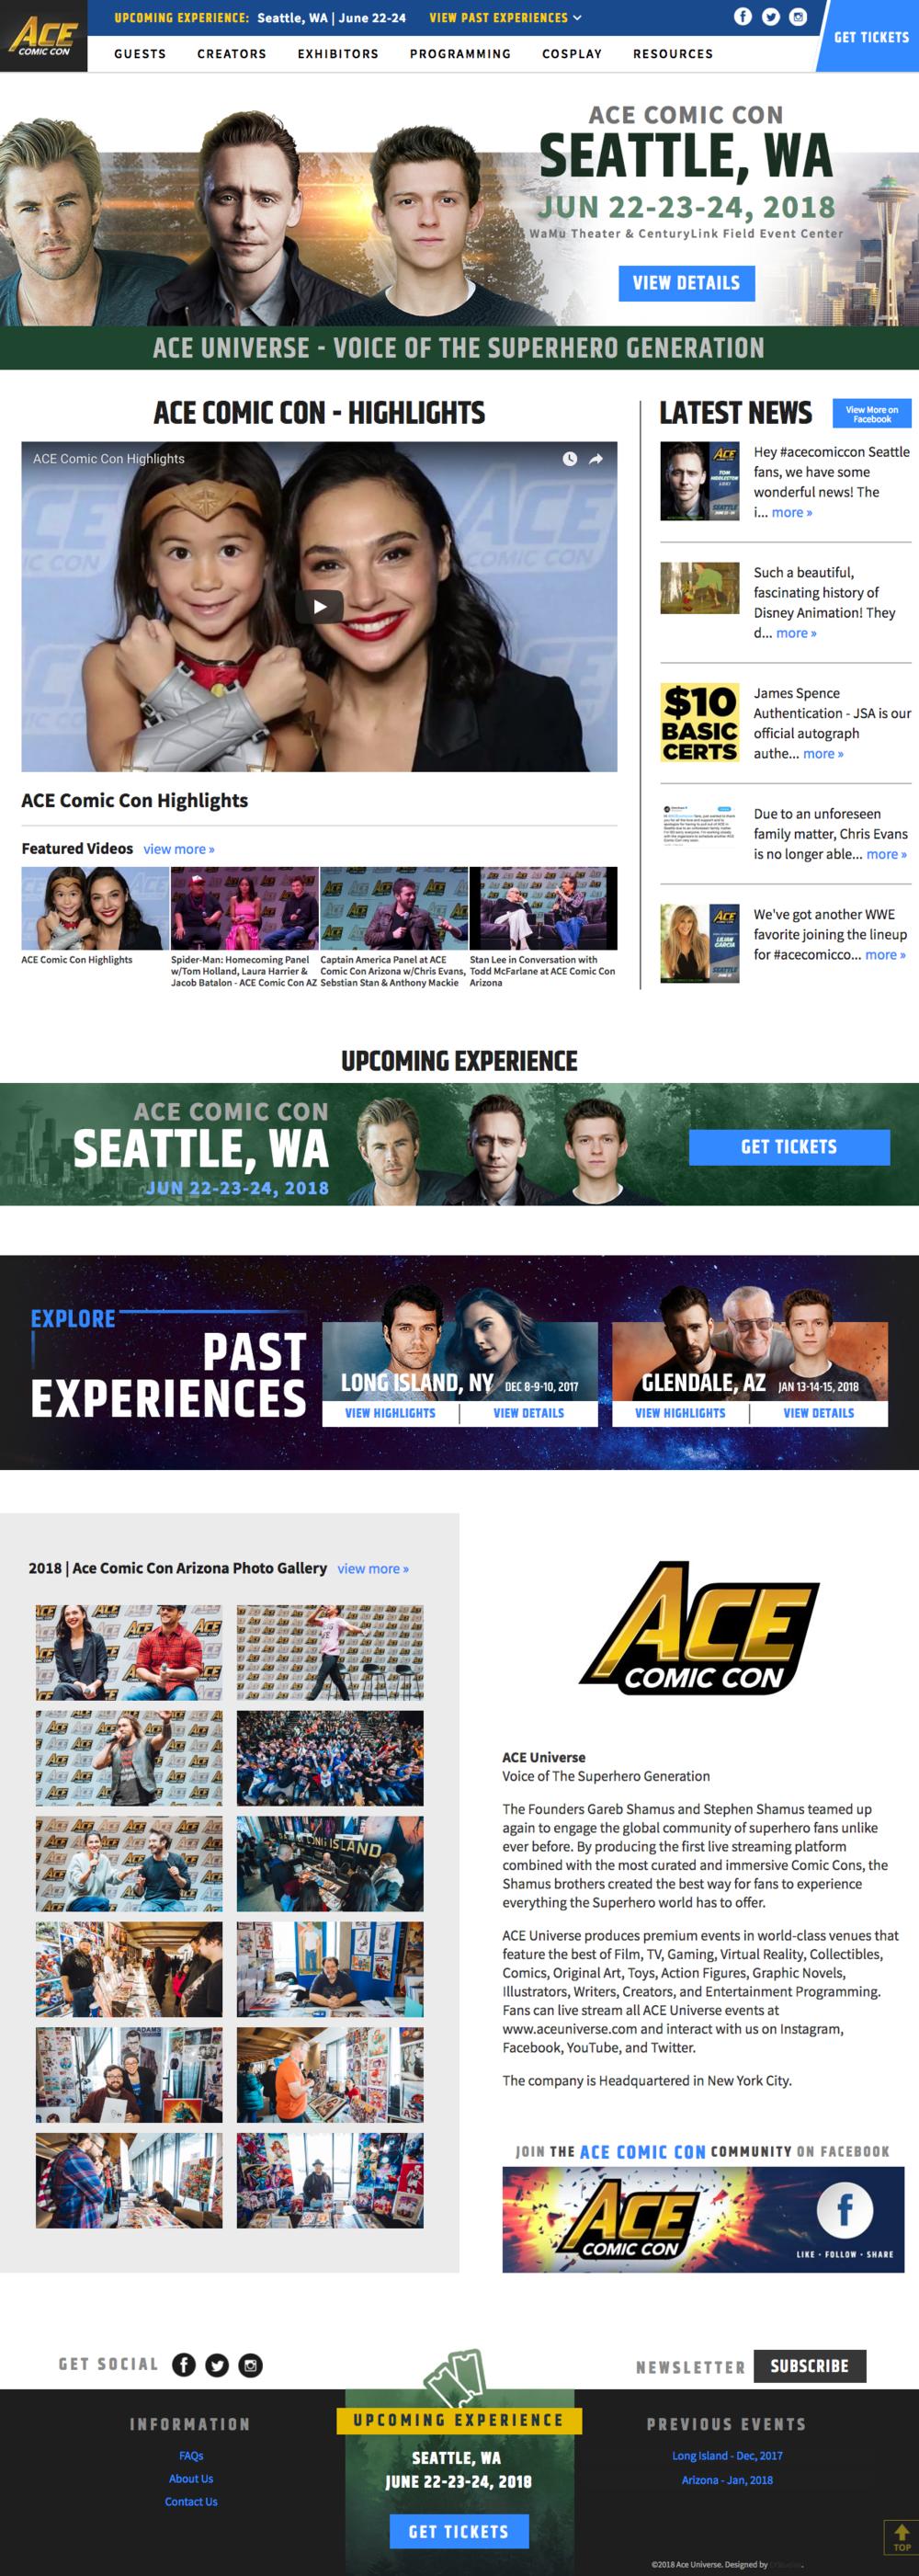 Ace Comic Con -  www.aceuniverse.com